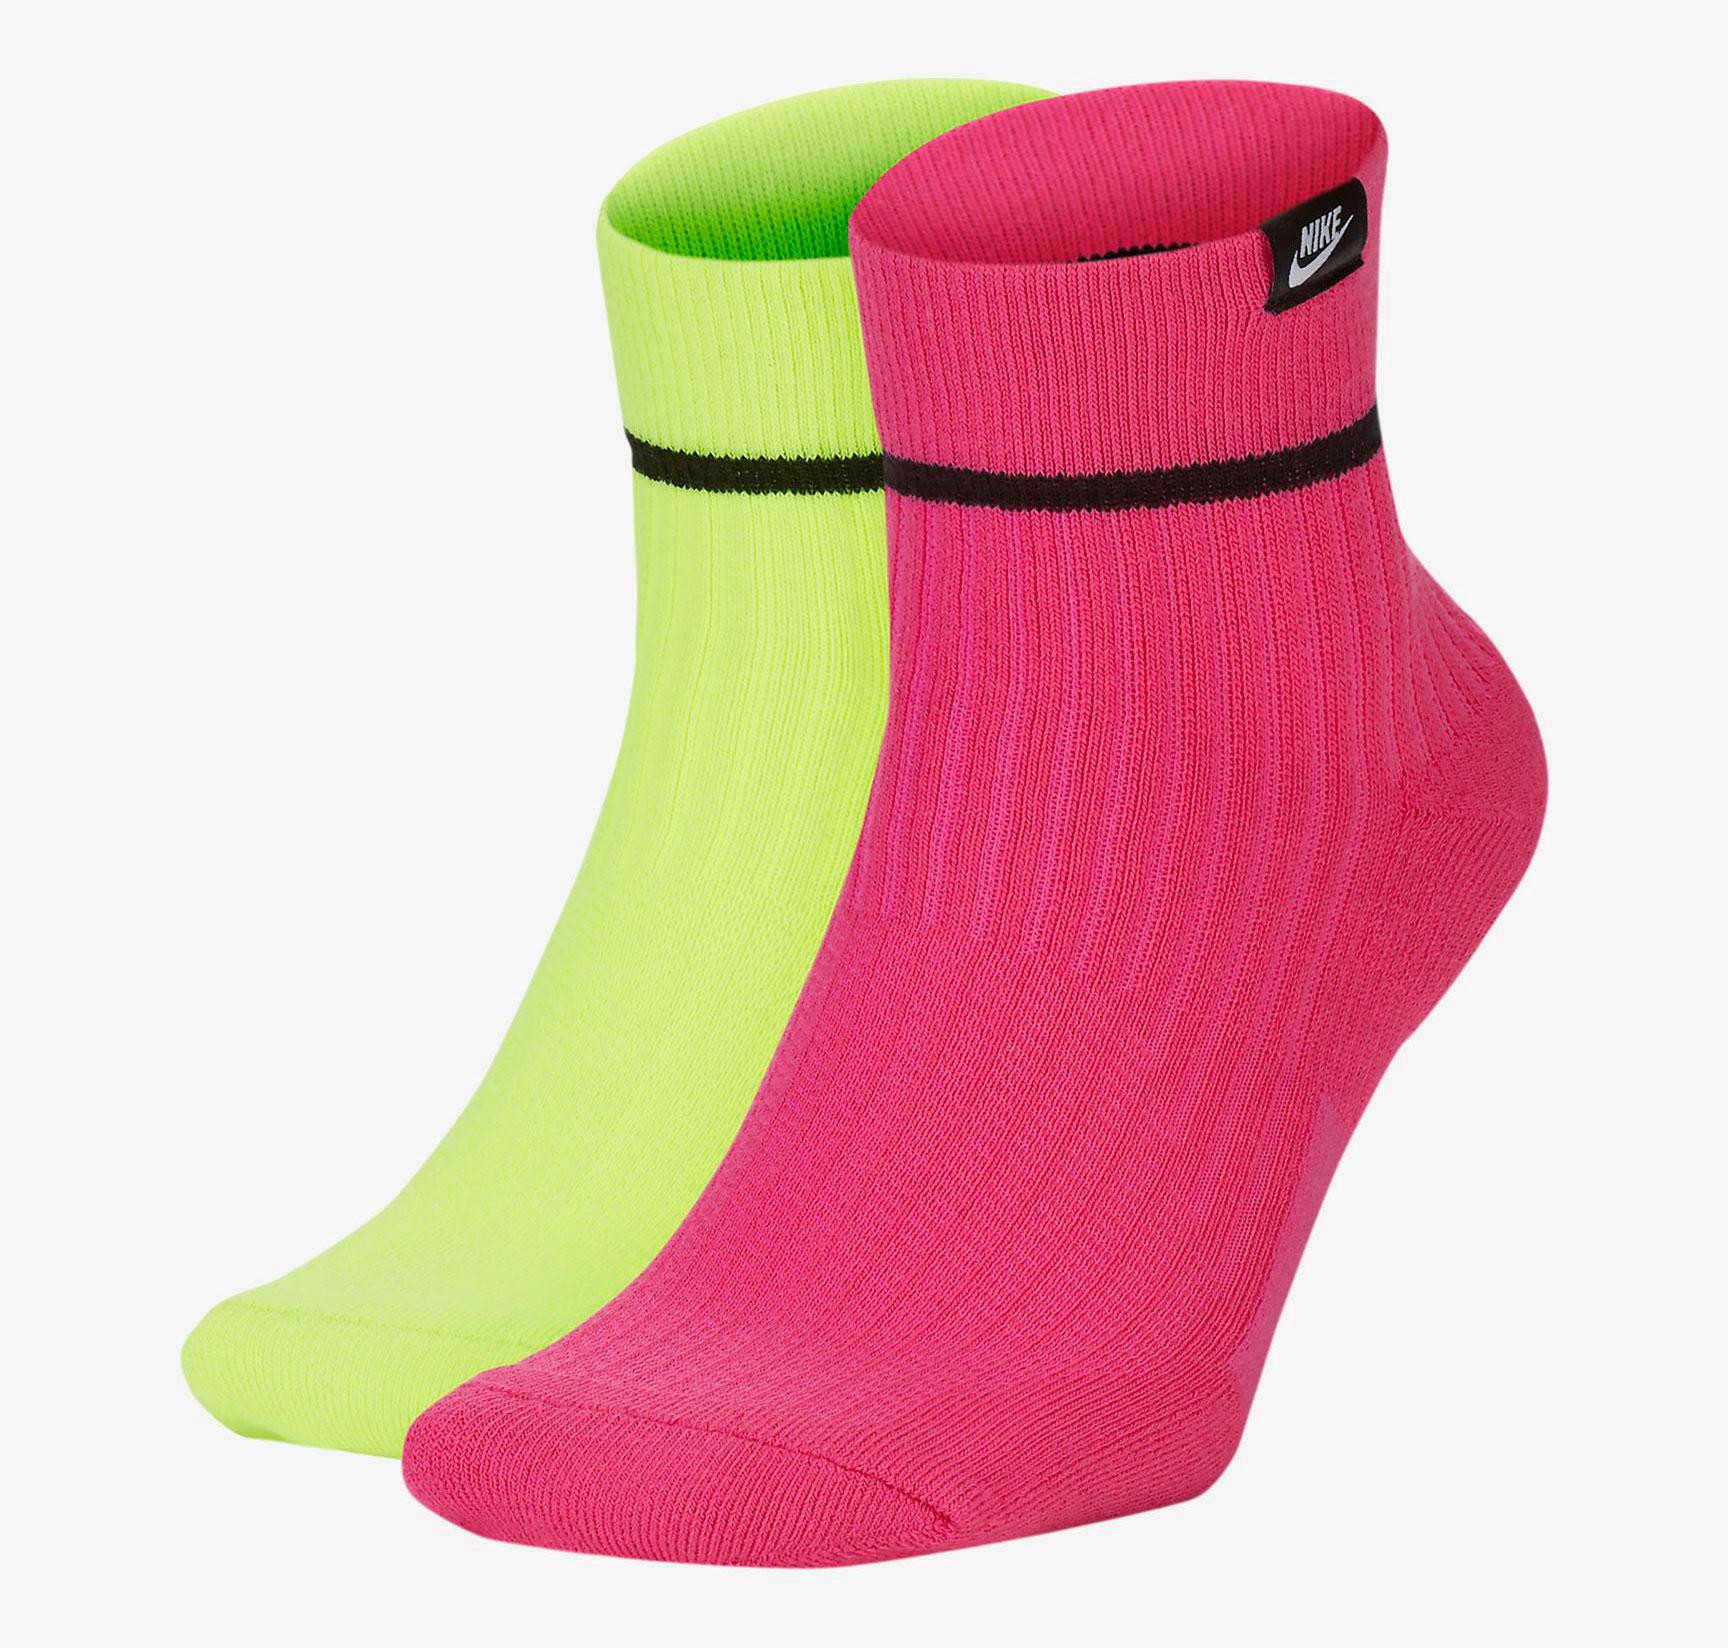 nike-pink-limeaid-socks